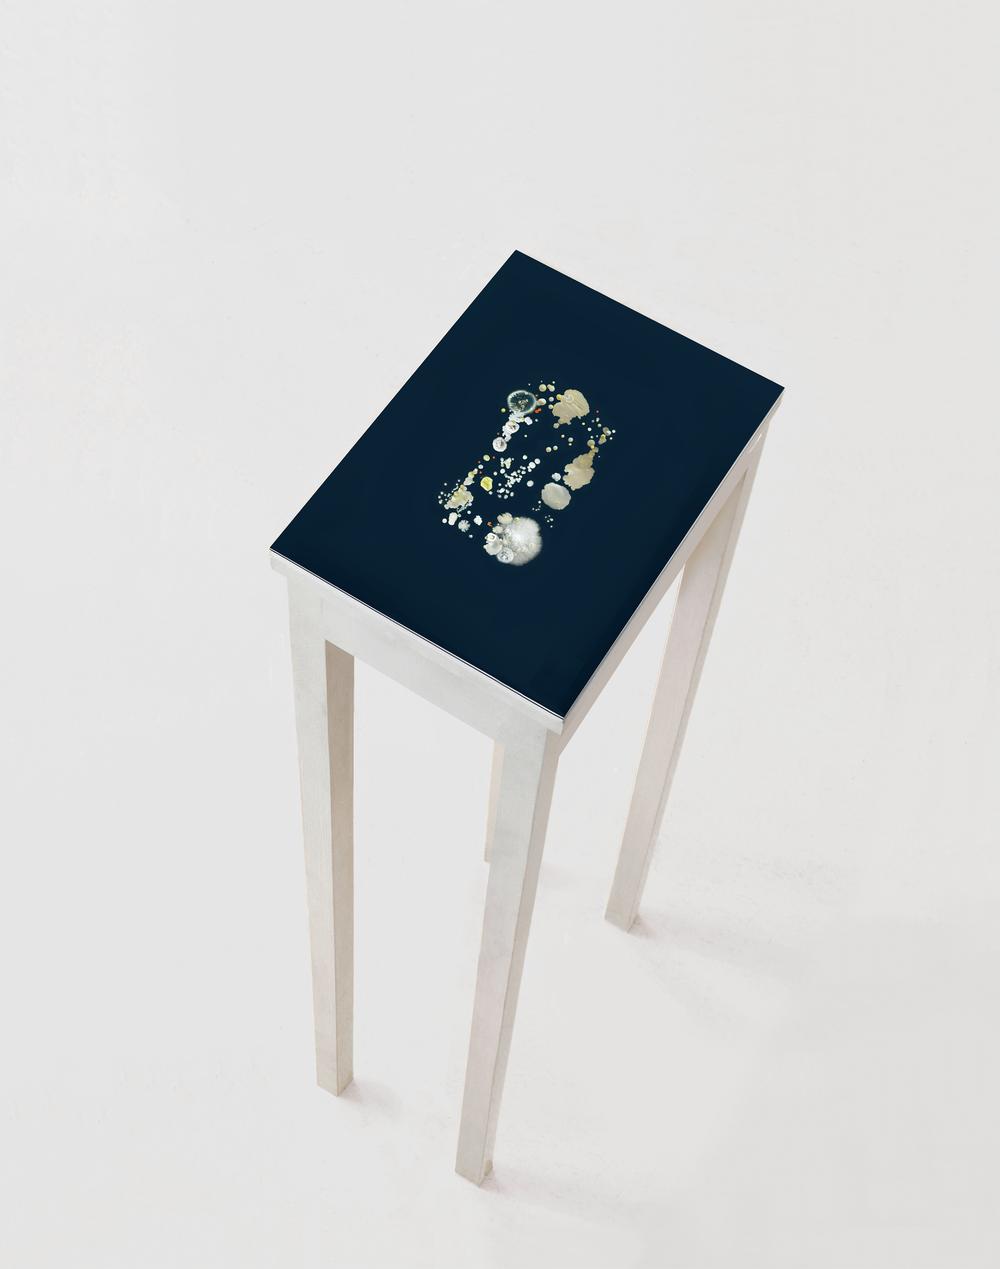 Smartprint, 2016, Micro-organismes, résine d'inclusion, gélose. Présentation sur tablette en bois.